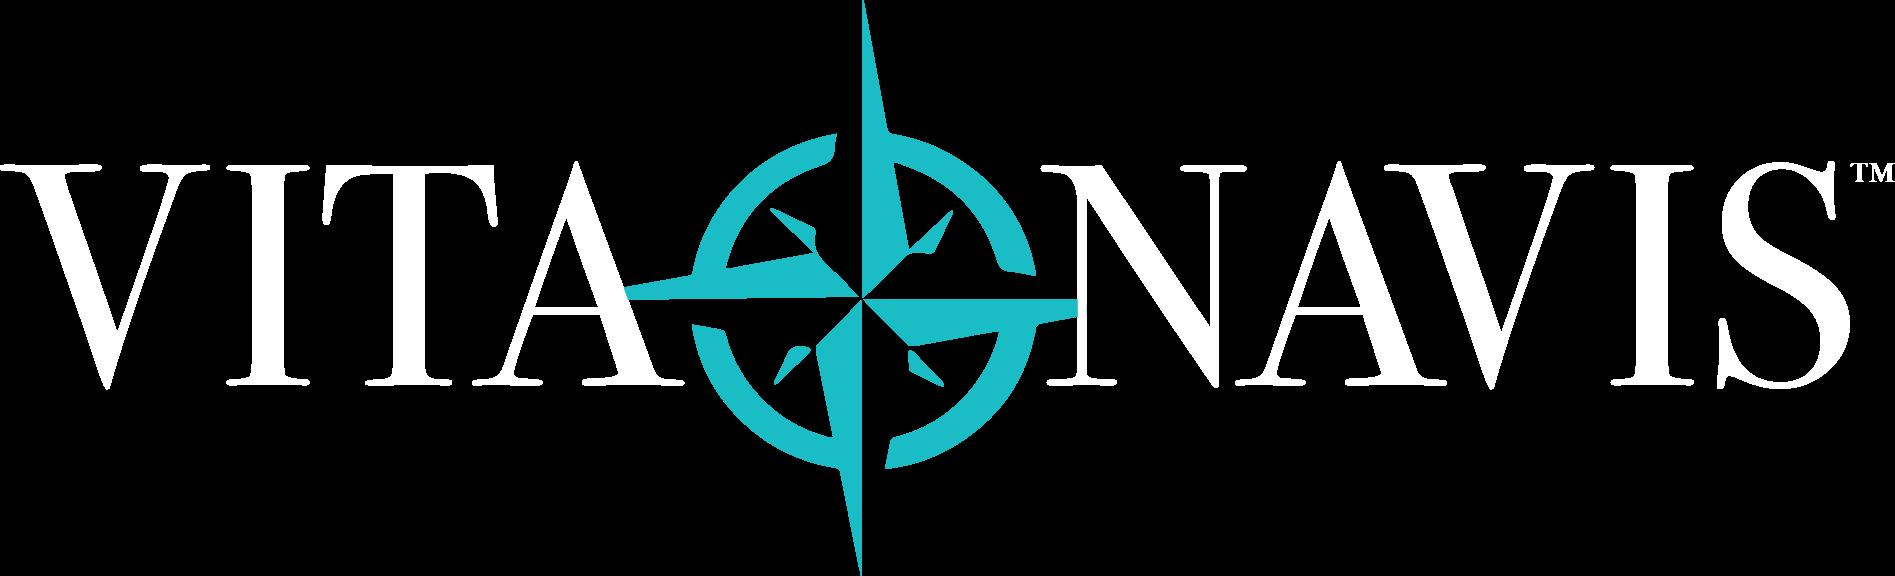 VitaNavis - Logo - Large